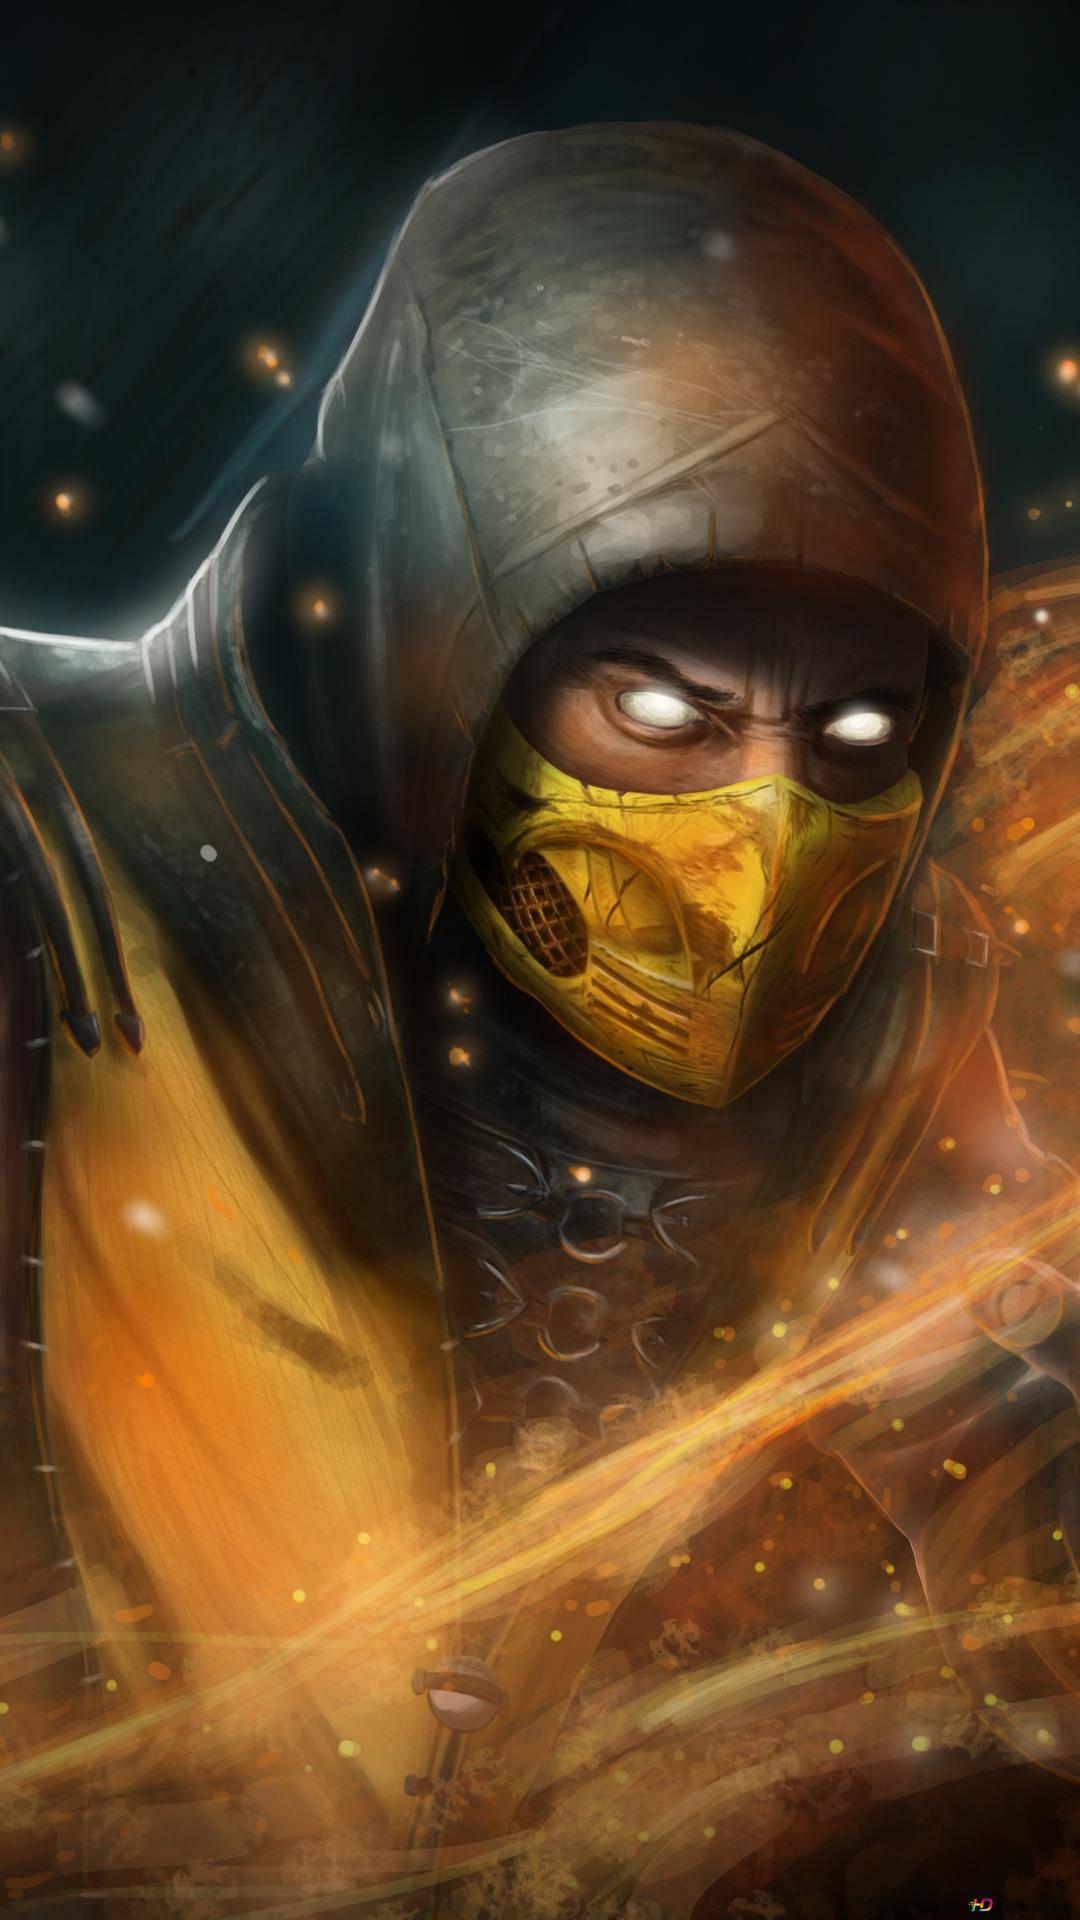 Mortal Kombat 11 2019 Scorpion Digitale Kunst Hd